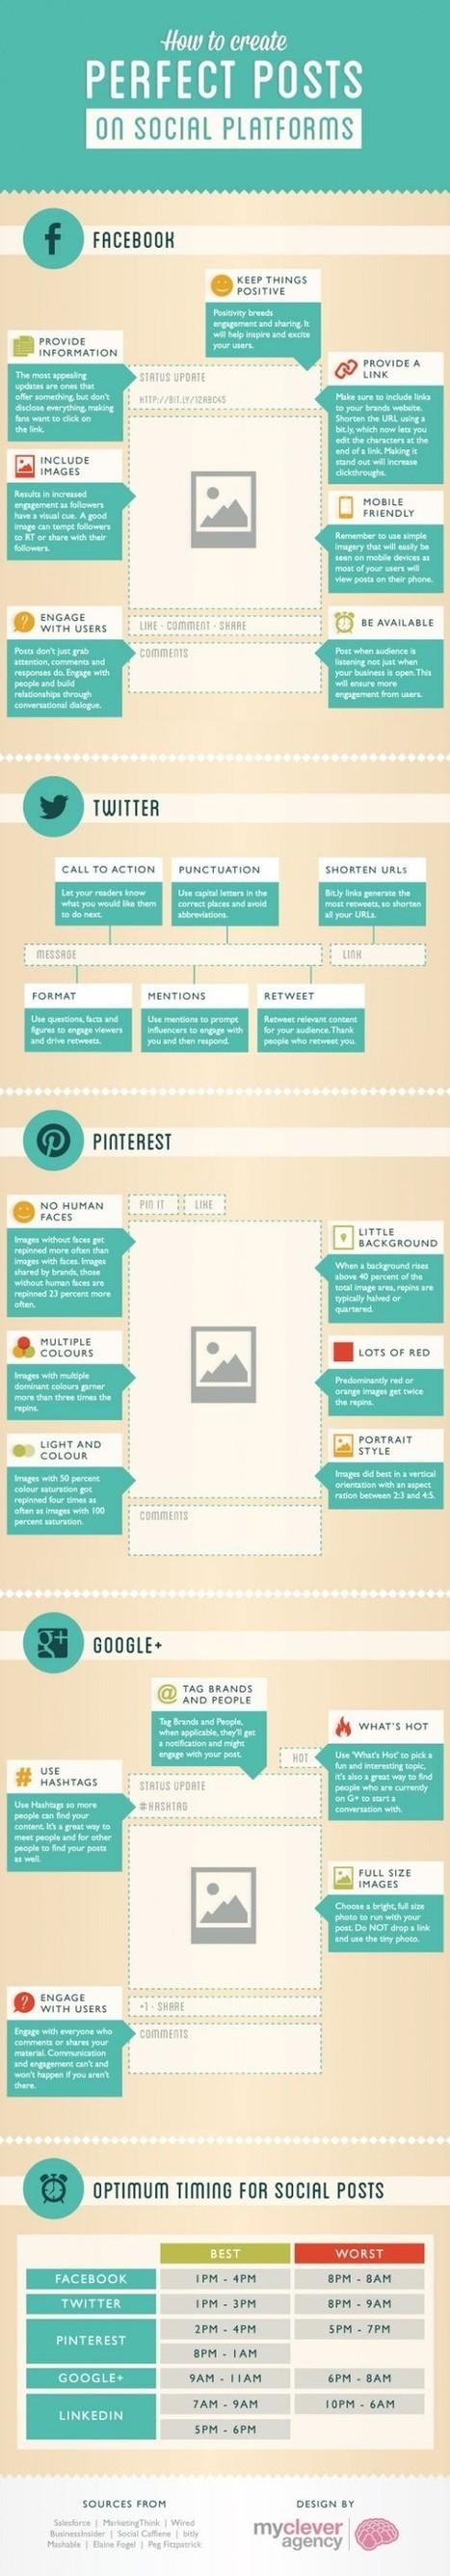 Comment Publier Efficacement sur Facebook, Twitter, Pinterest et Google+ ? | Image Digitale | Scoop.it